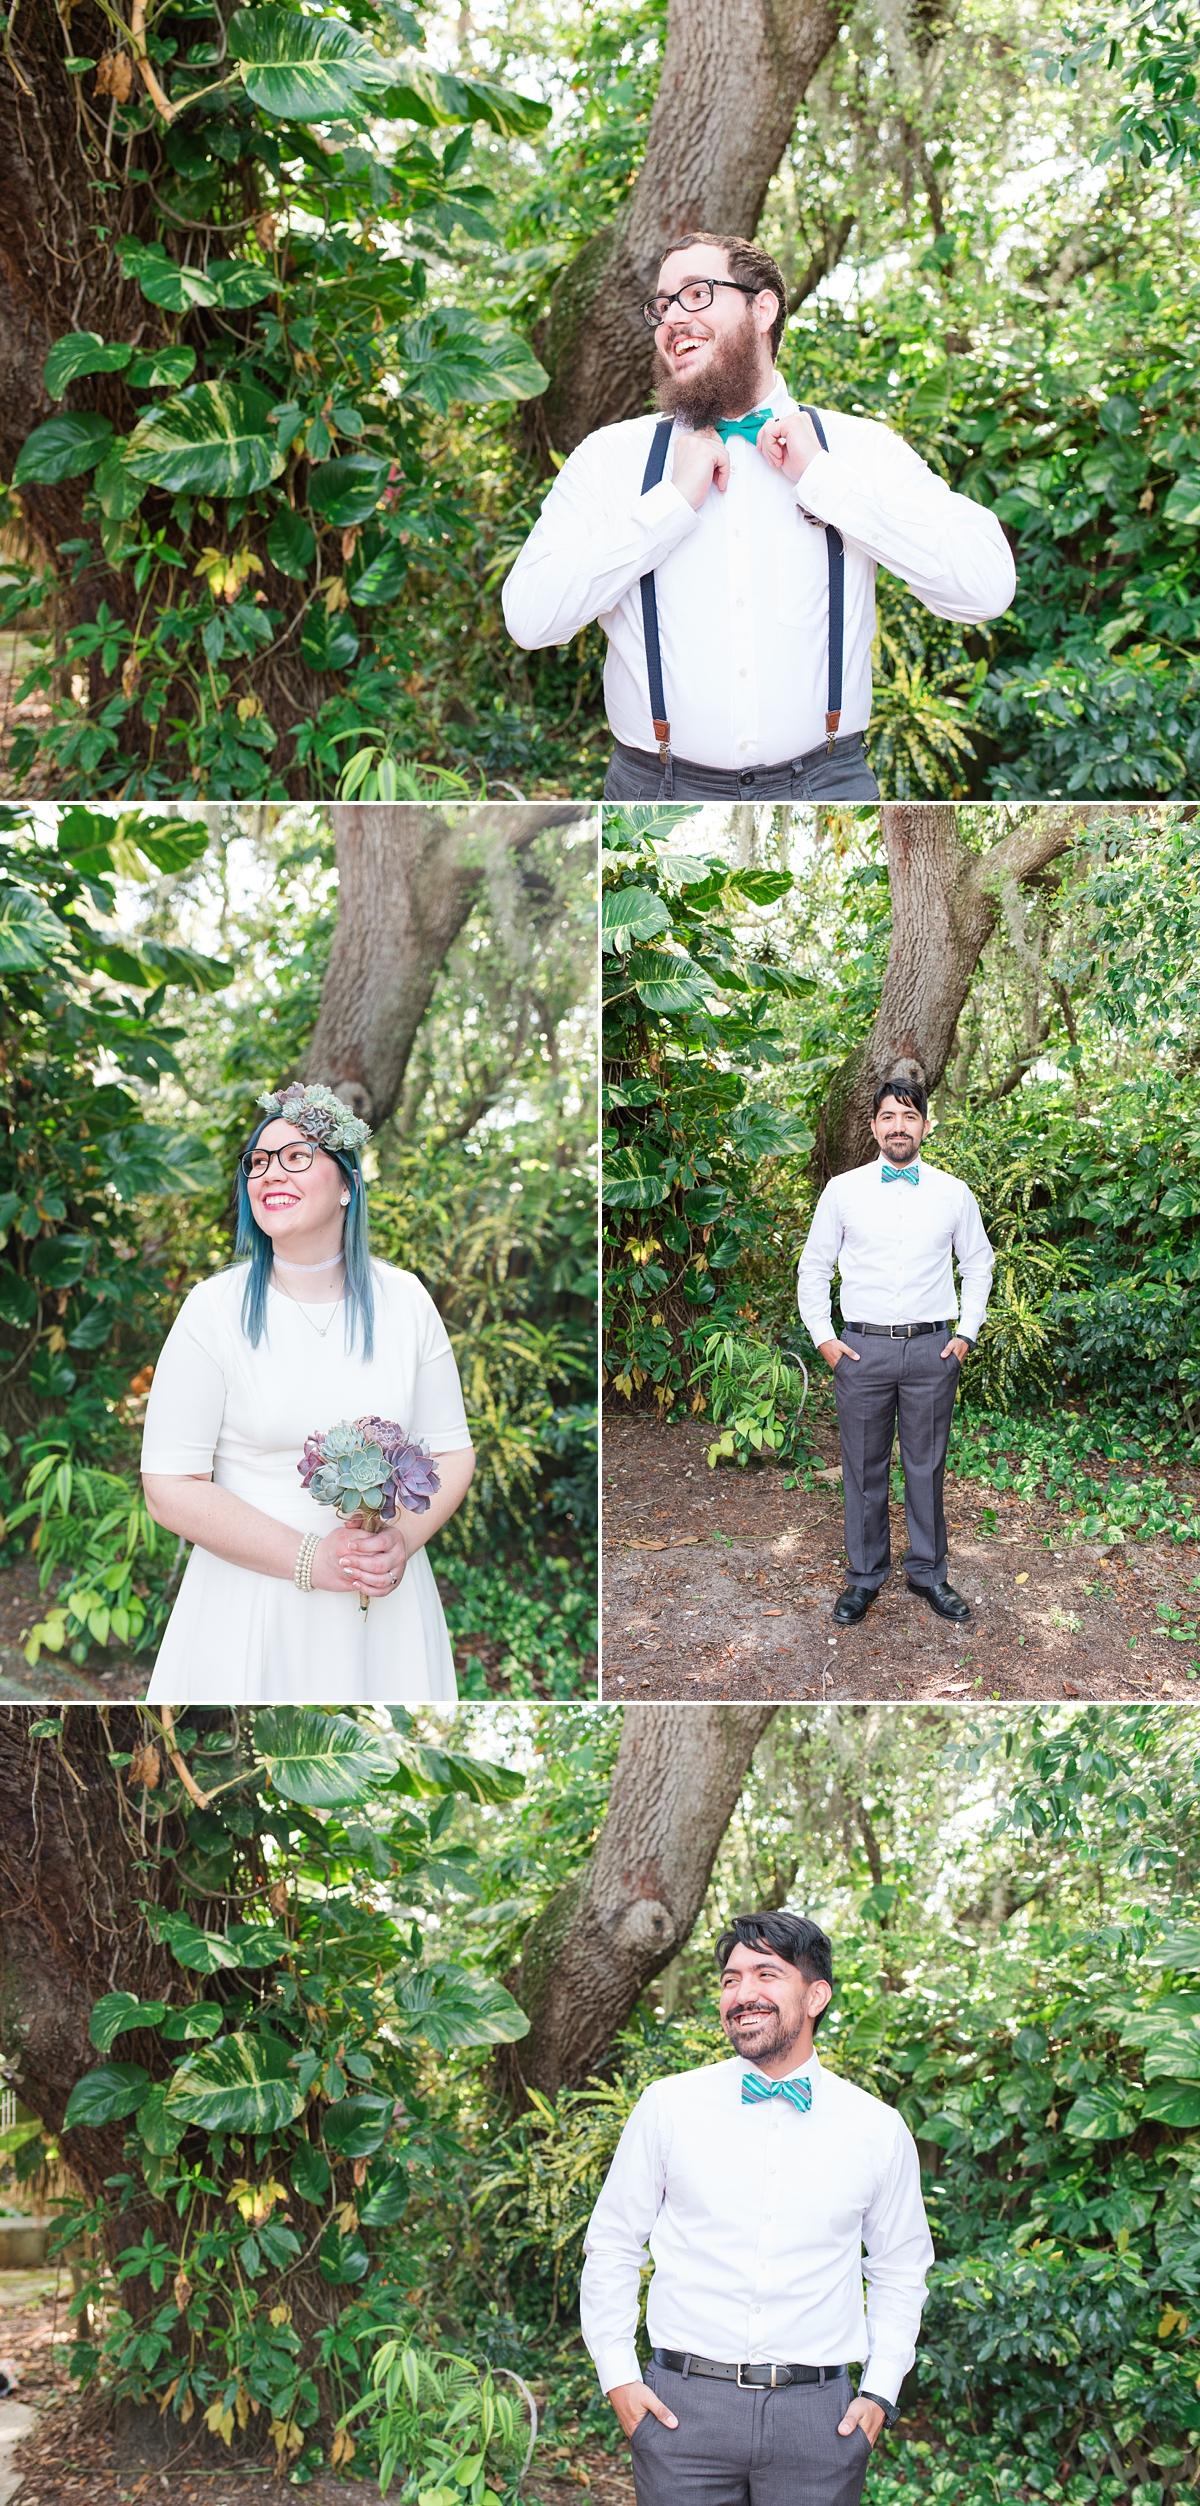 Titusville Florida Wedding_Elopement Photos_Blue Hair_Succulent Bouquet_Elopement Inspiration_17.jpg